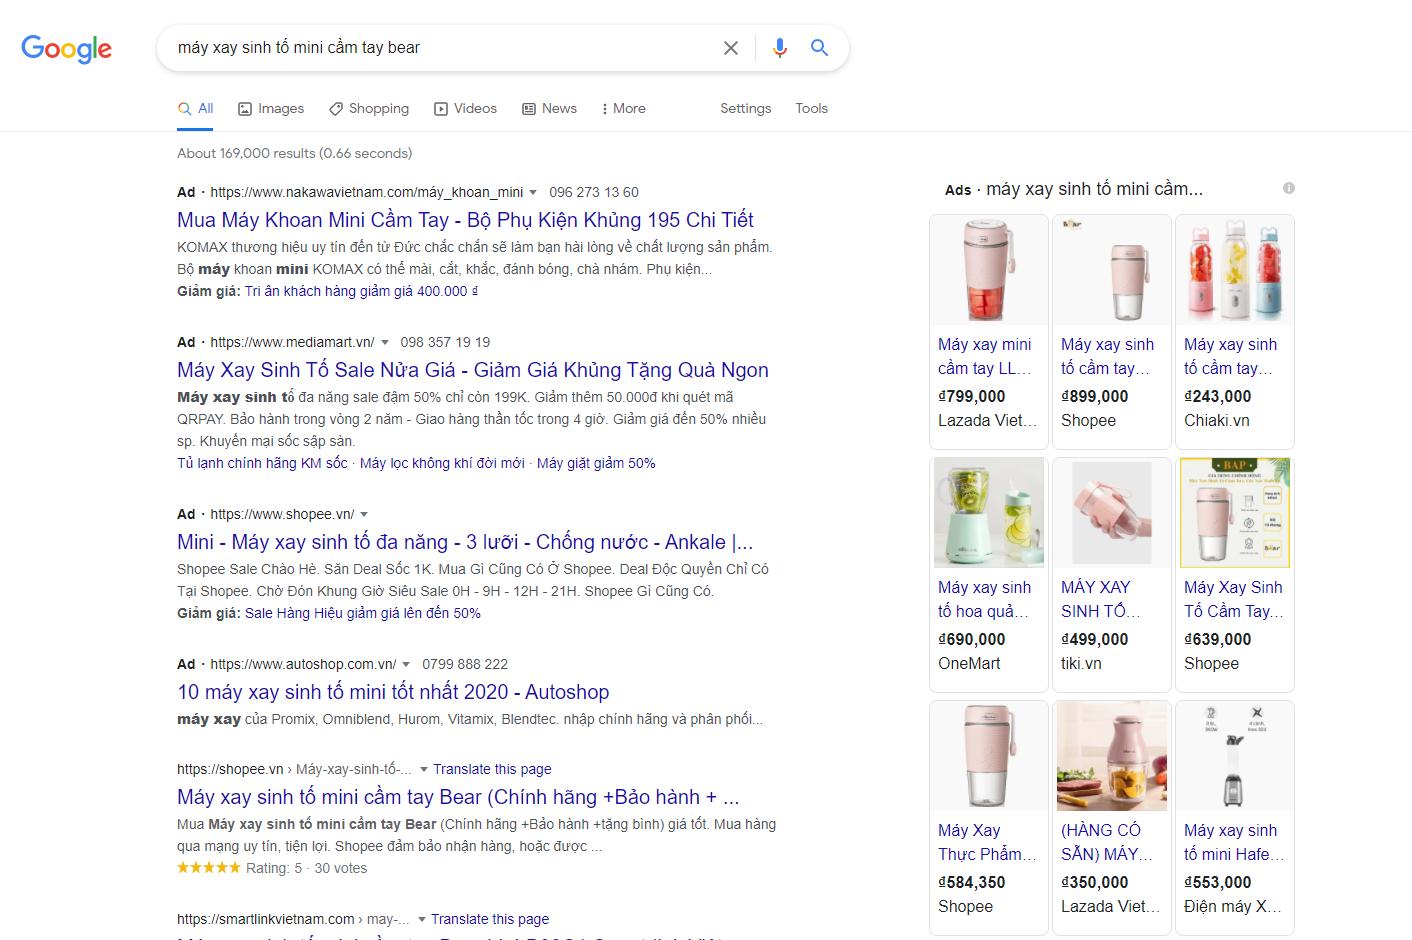 cach-toi-uu-quang-cao-google-shopping-7